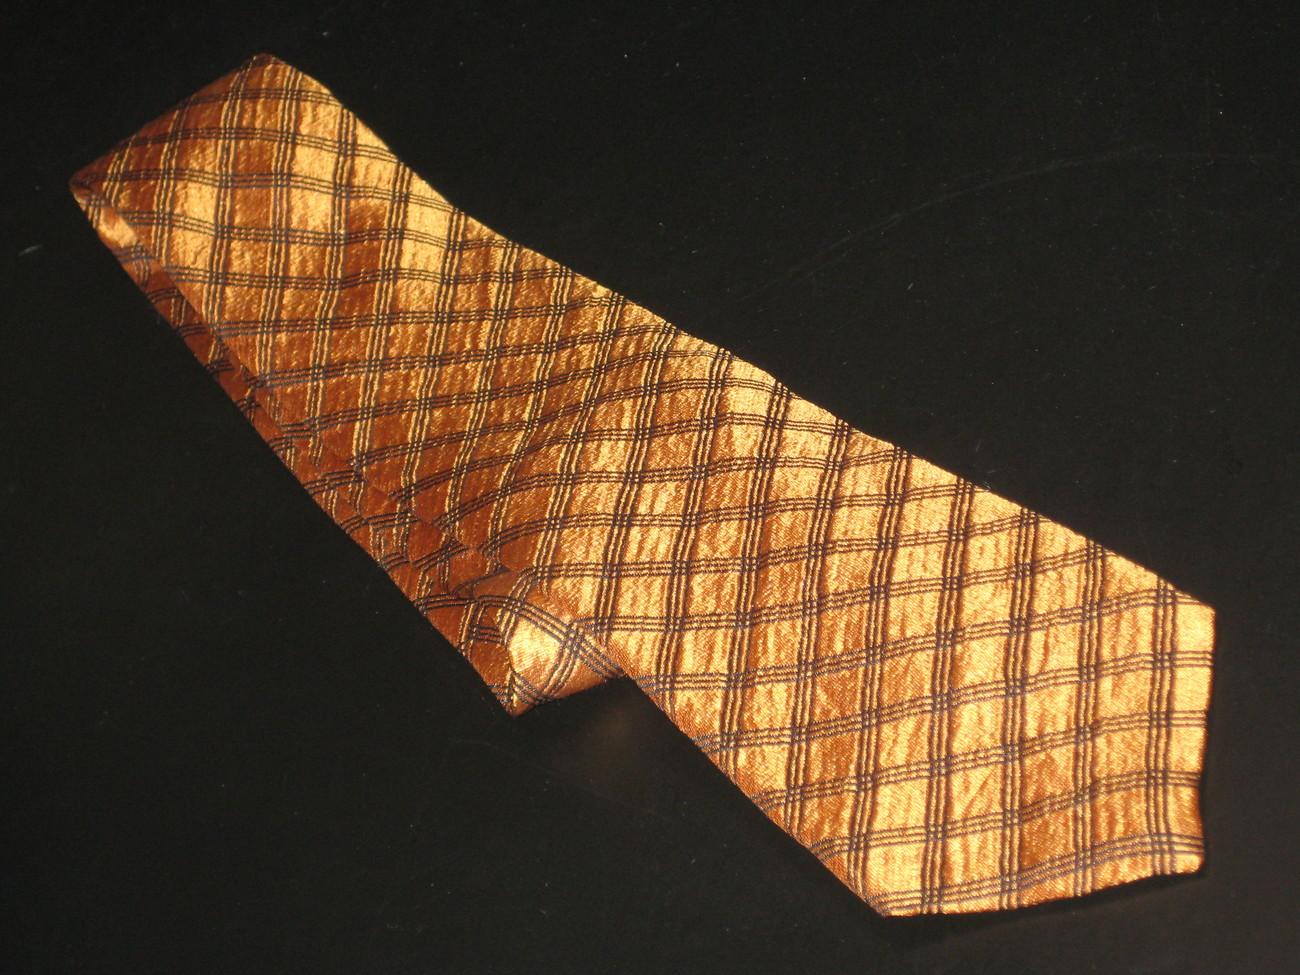 Guy Laroche Diffusion Neck Tie Orangish Golden Browns Criss Cross Stripes Silk Guy Laroche Diffusion